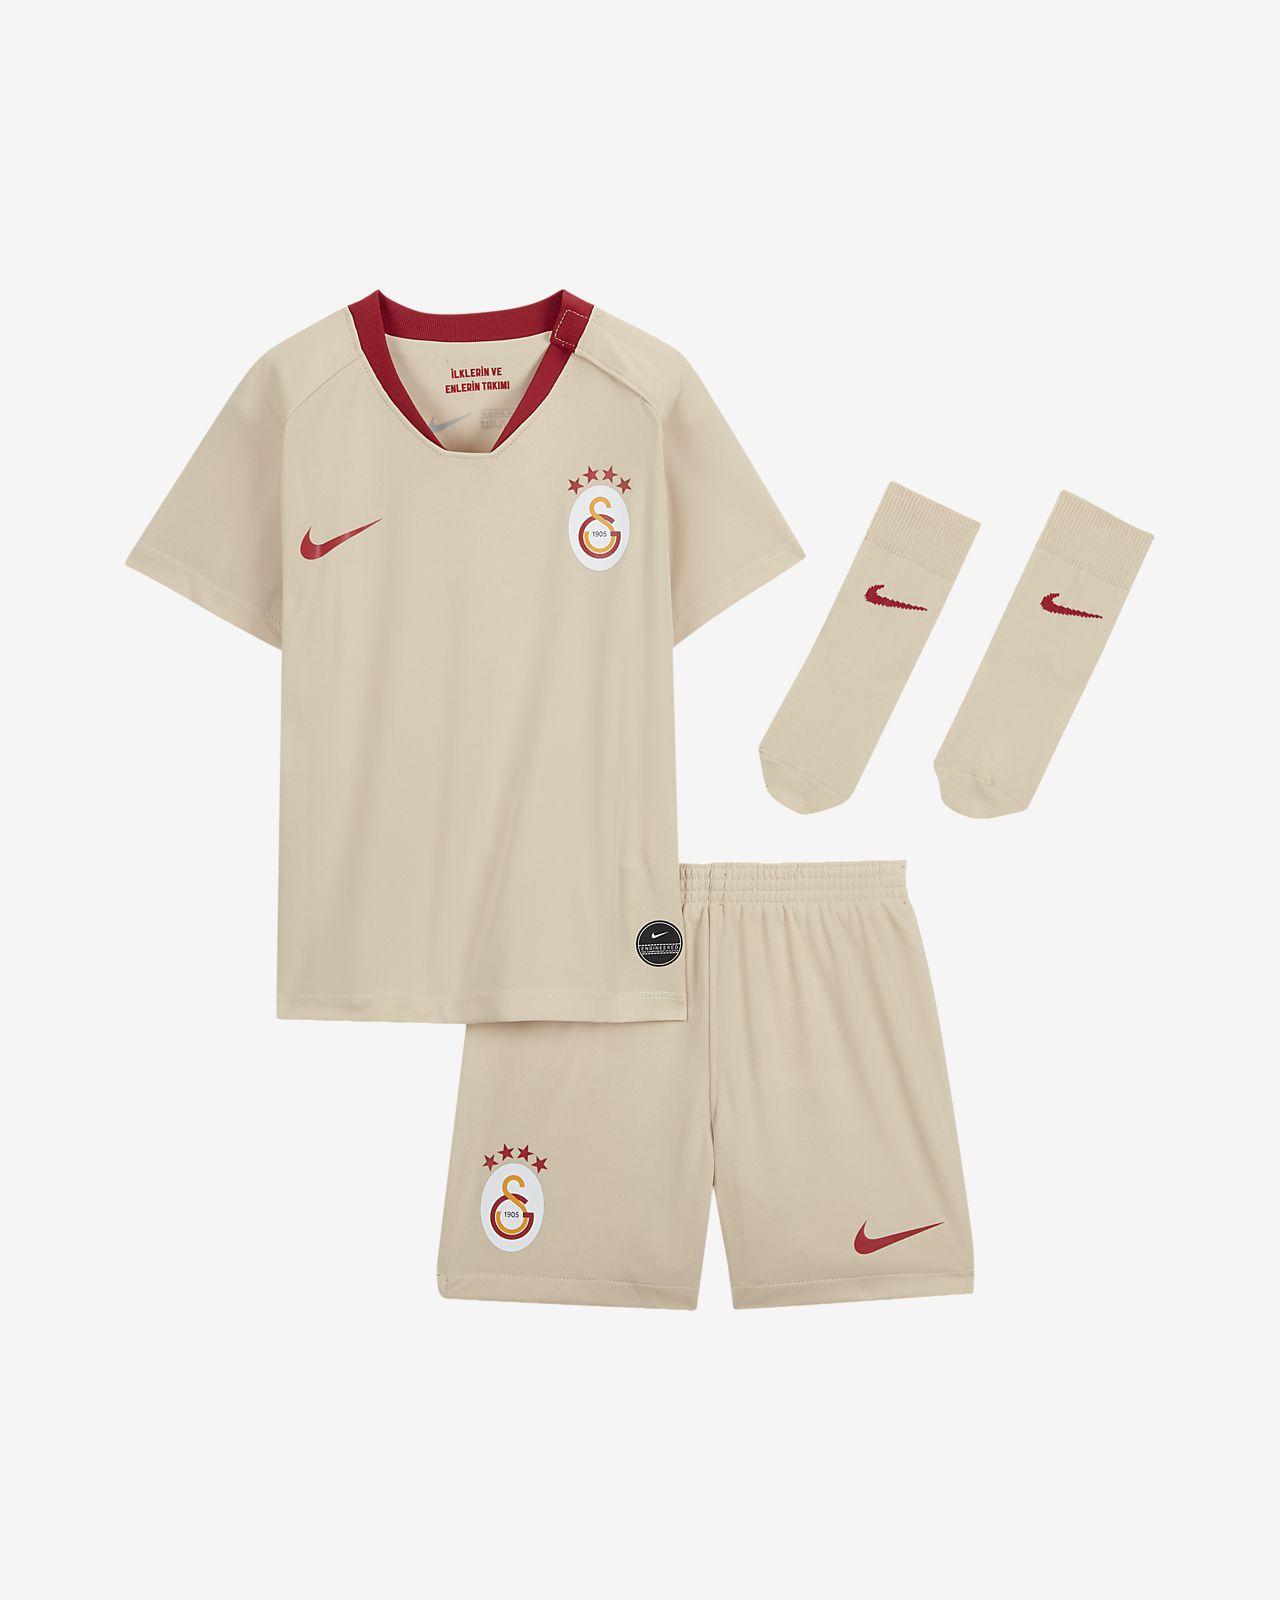 Tenue Galatasaray 2019/20 Away pour Bébé et Petit enfant